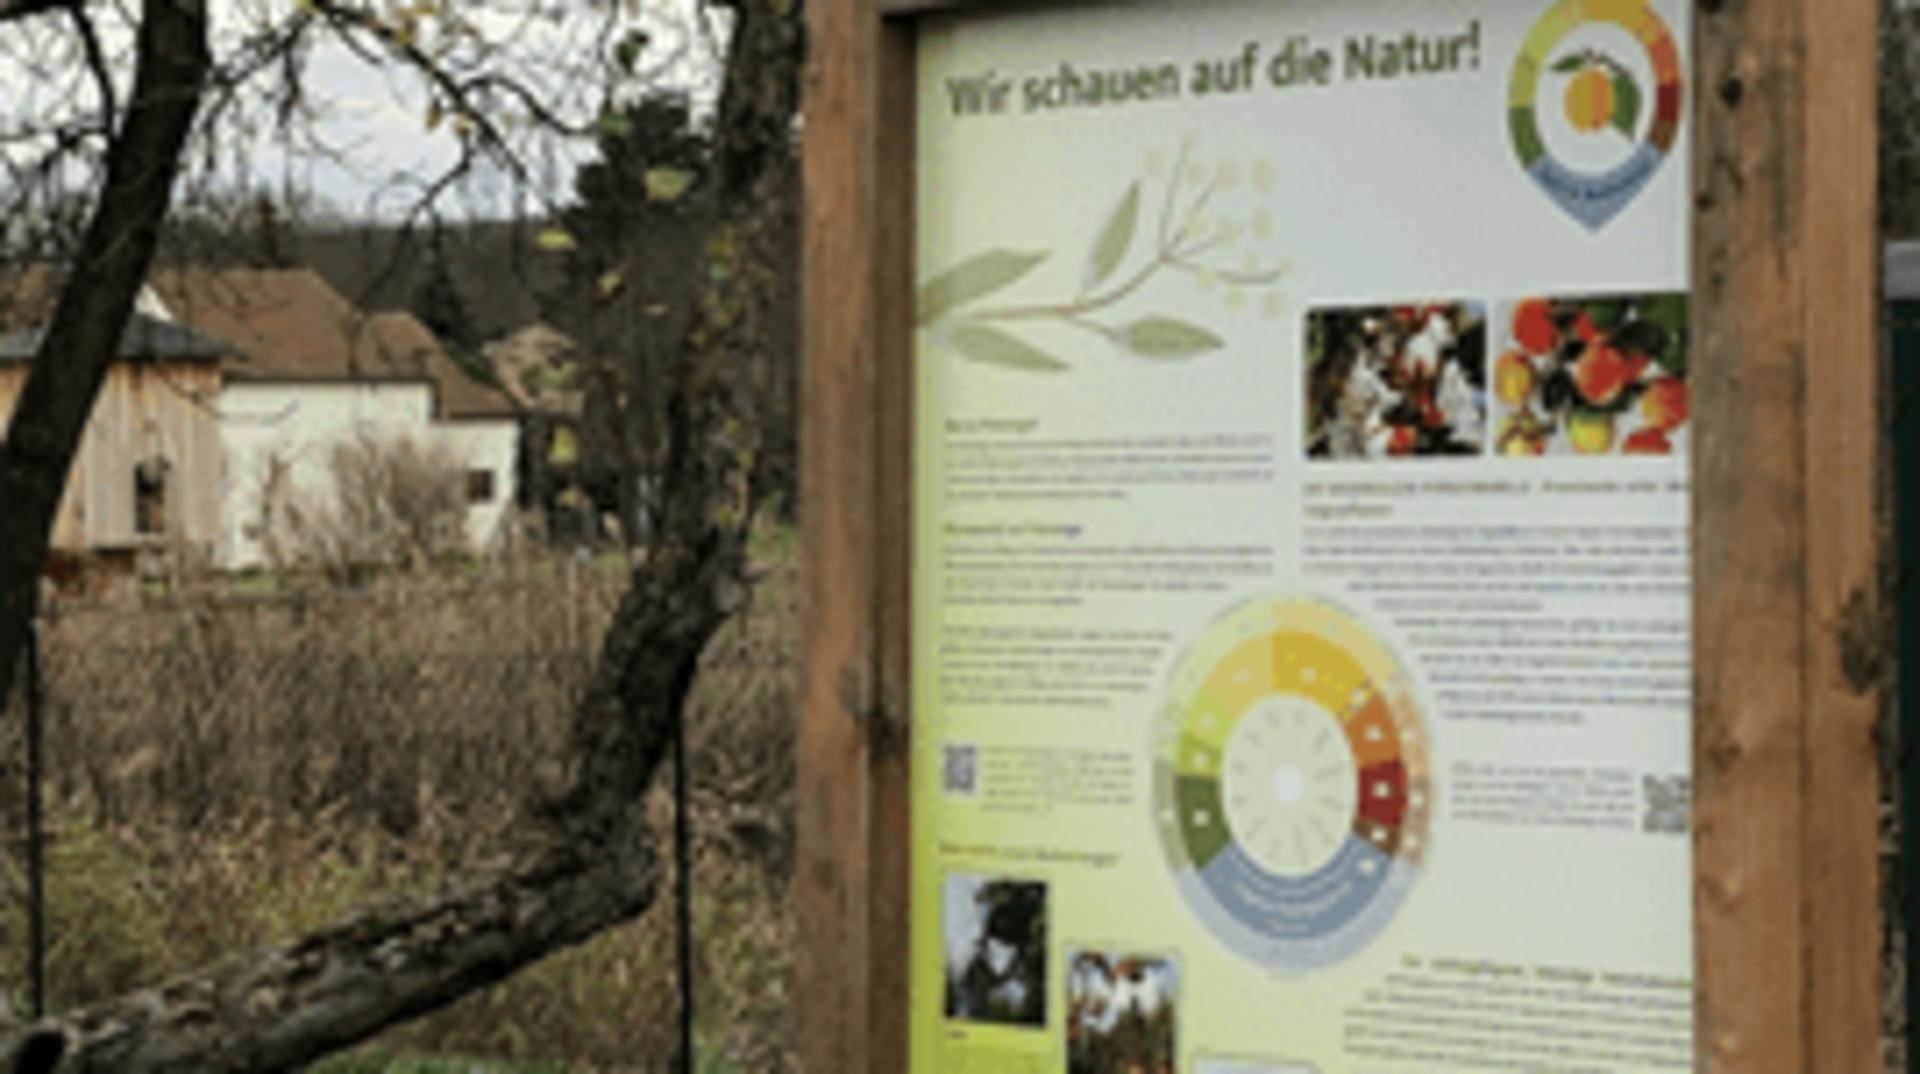 Erster Phänologischer Naschgarten Österreichs